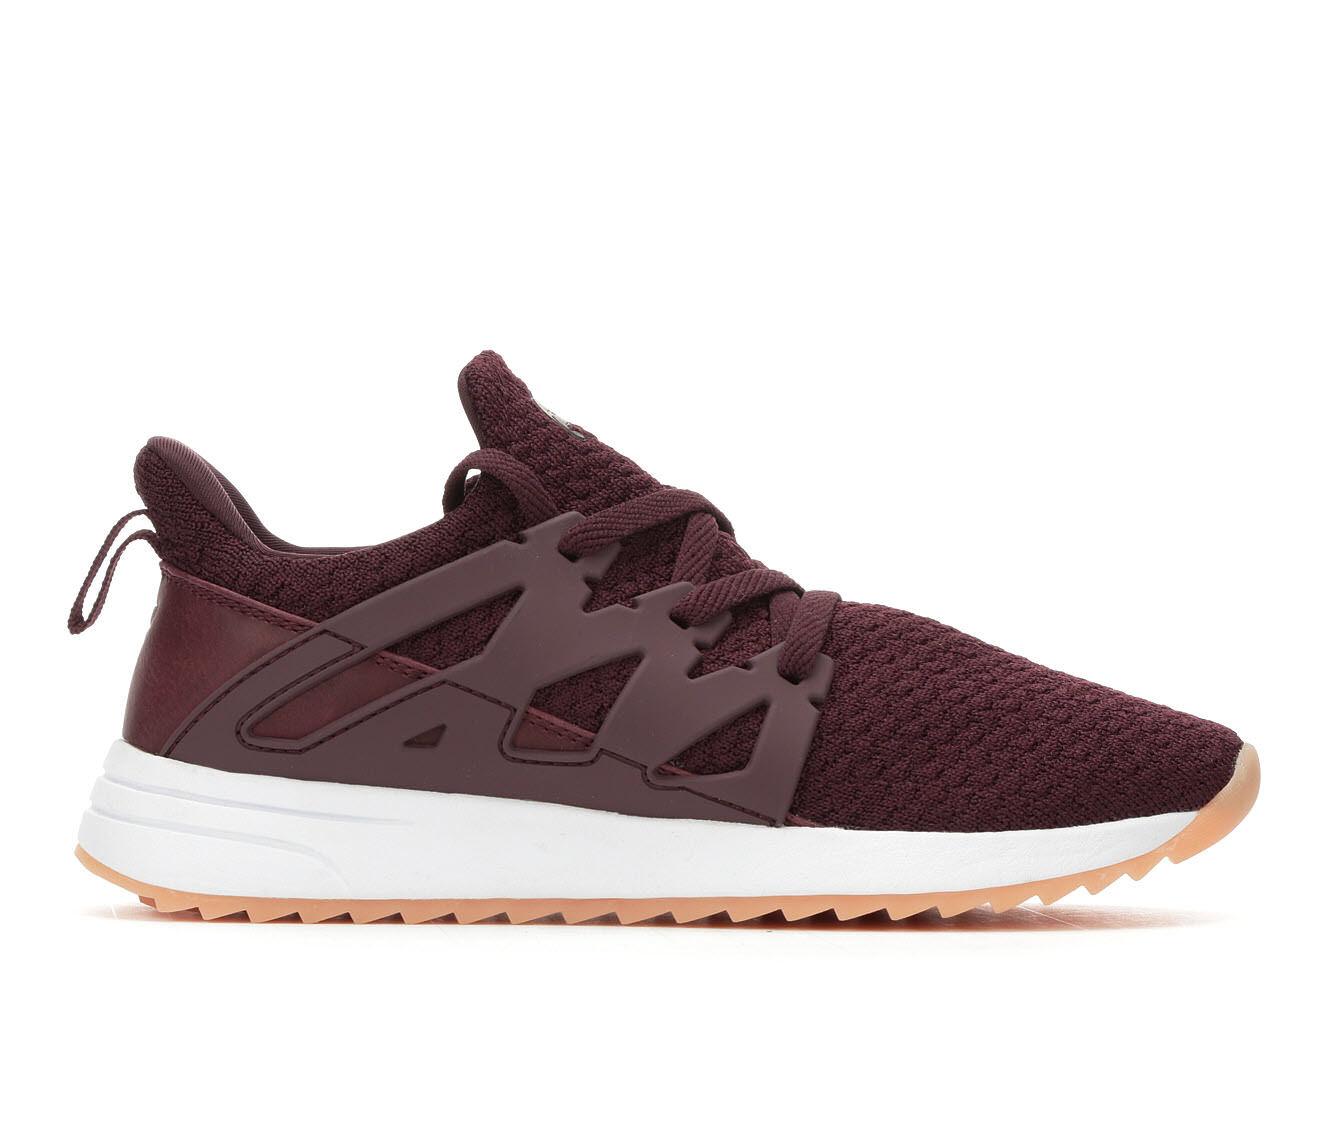 Women's Fabletics Laguna Slip-On Sneakers Burgundy/Gum